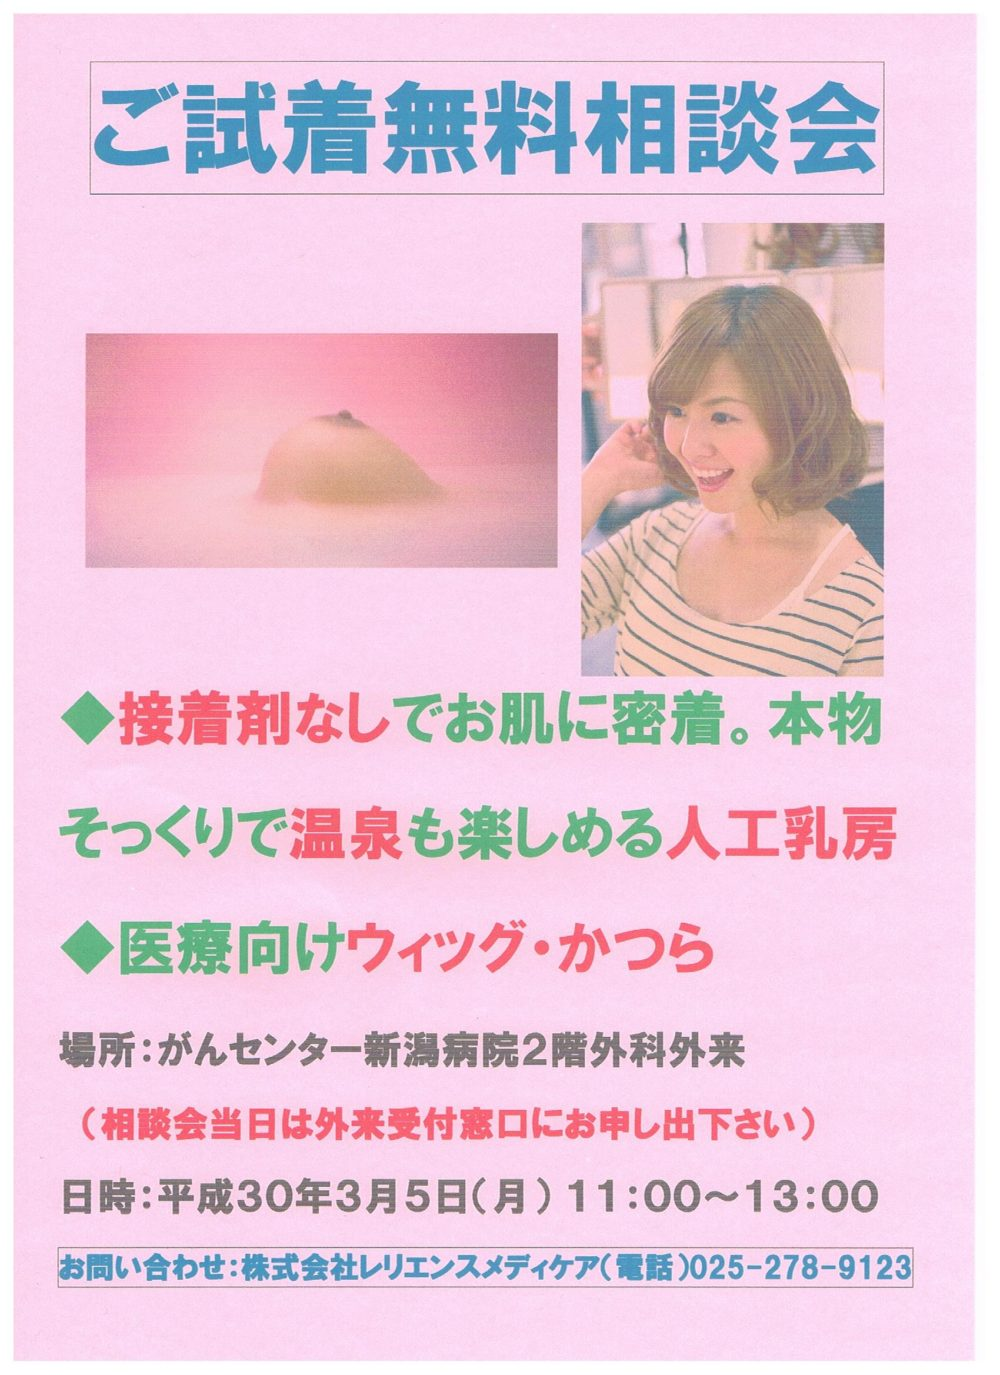 30年3月5日がんセンター新潟病院の人工乳房相談会